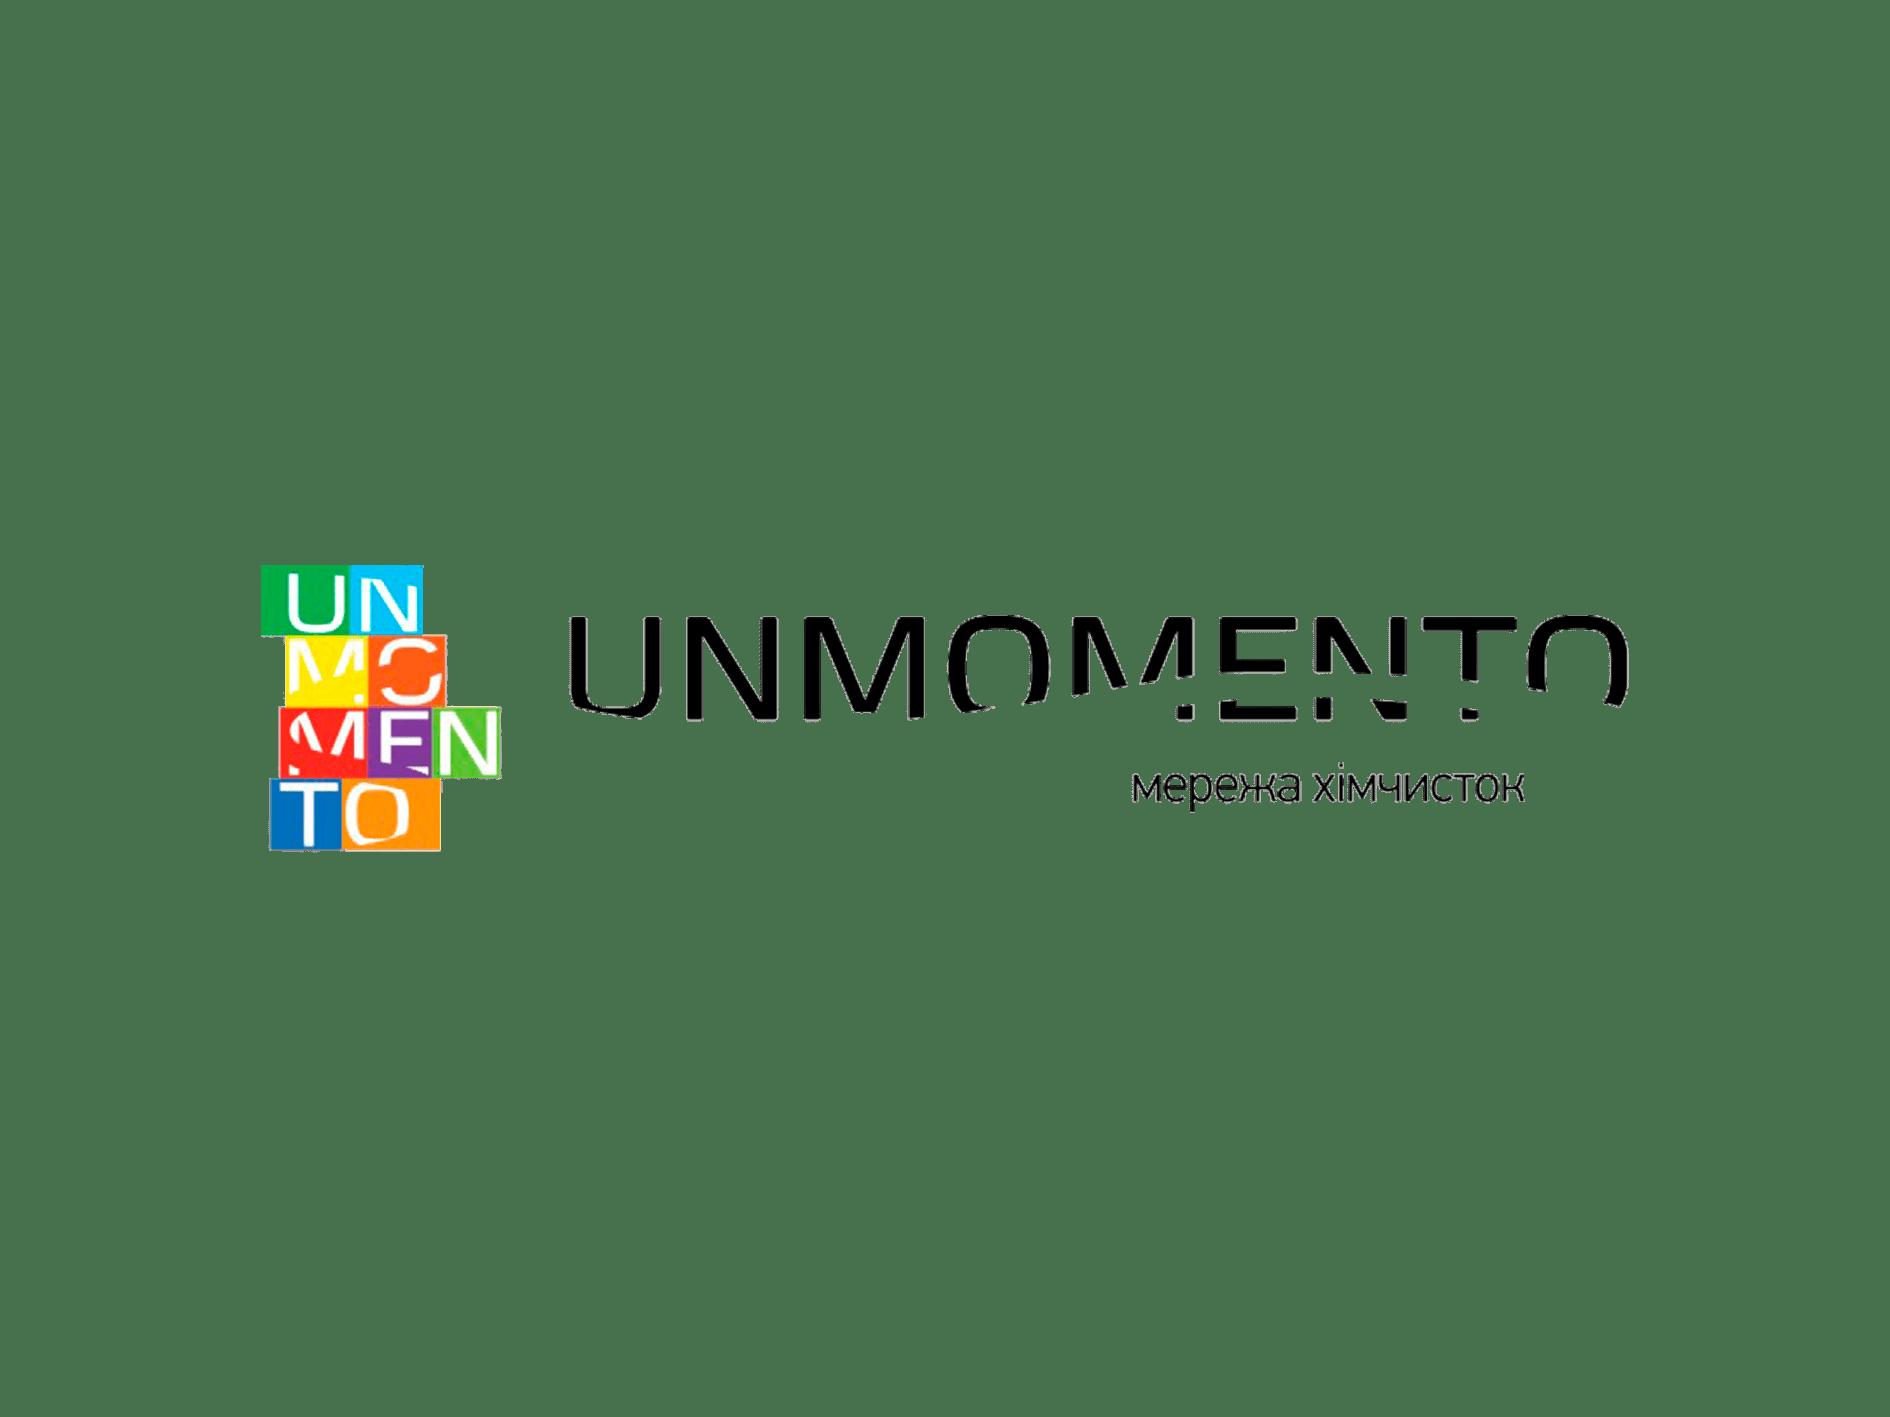 UNMOMENTO  - kiev.karavan.com.ua